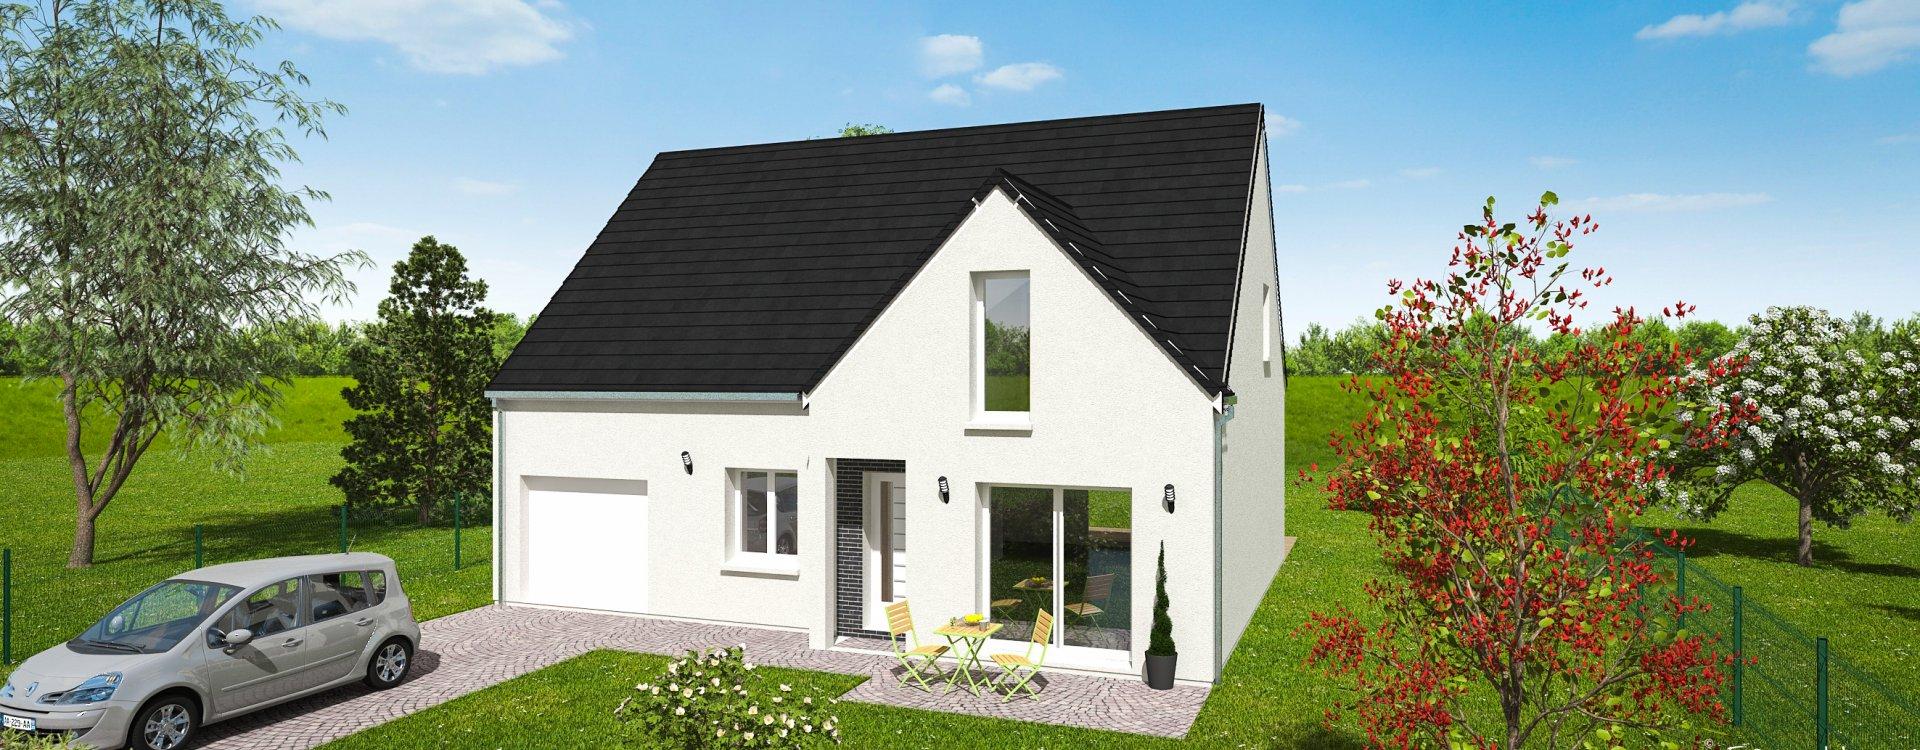 Maisons + Terrains du constructeur EASY HOUSE • 125 m² • VIENNE EN VAL